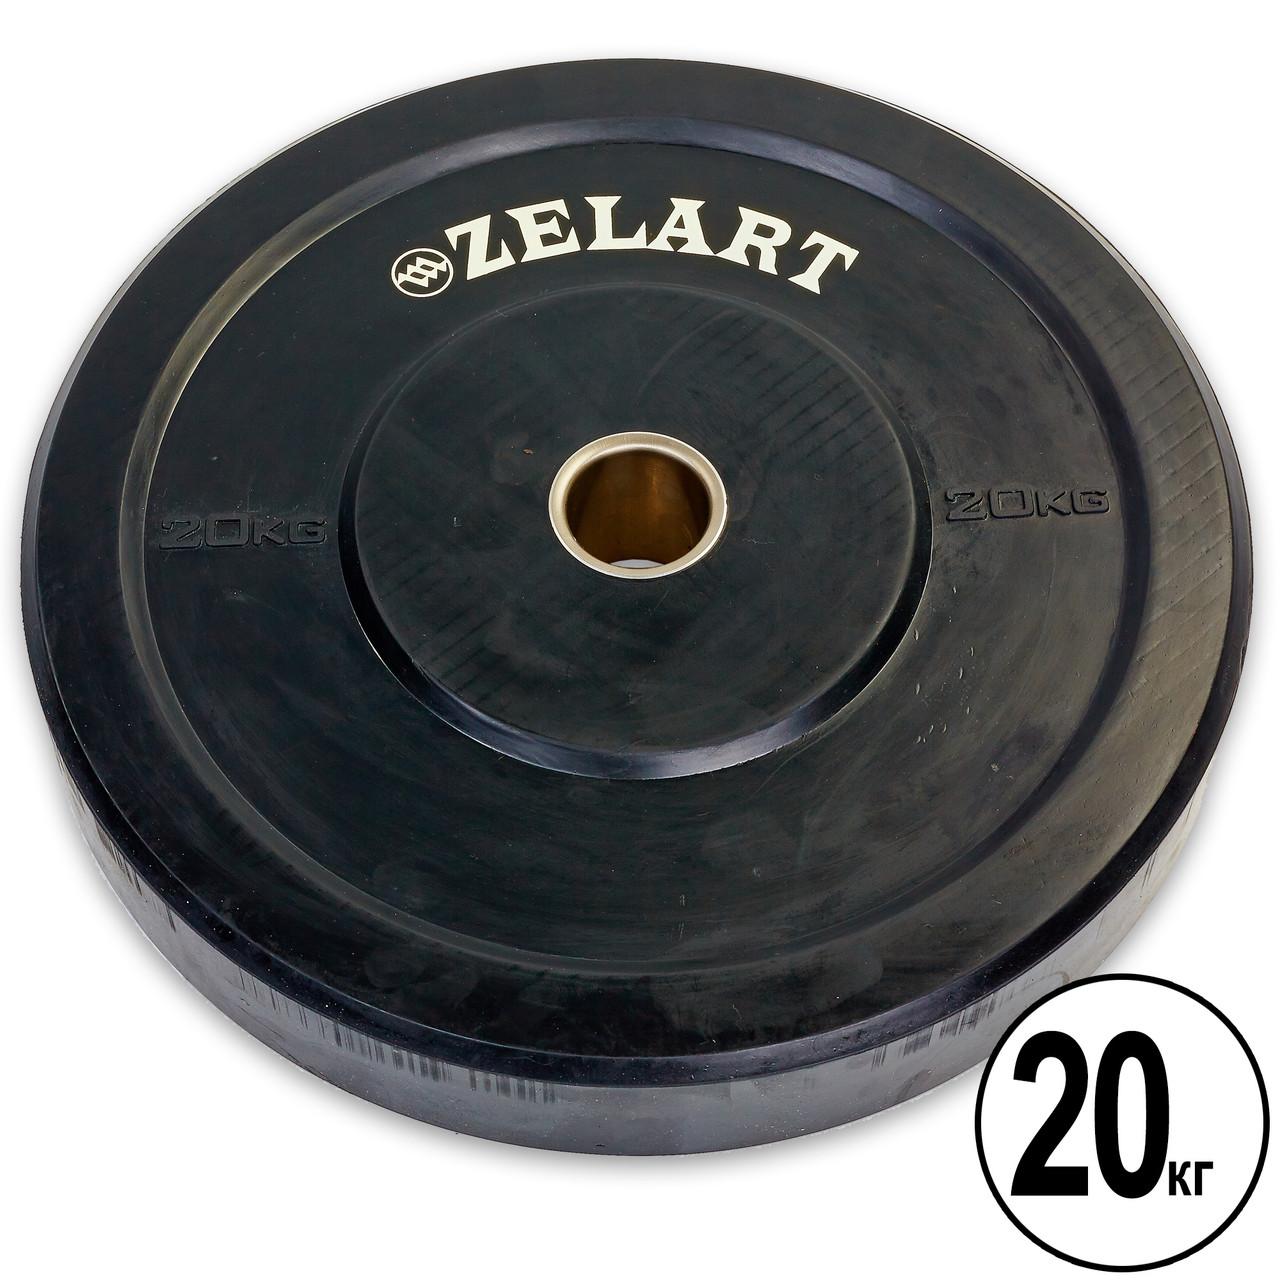 Бамперные диски для кроссфита Bumper Plates резиновые d-51мм Zelart Z-TOP ТА-5125-20 20кг (черный)